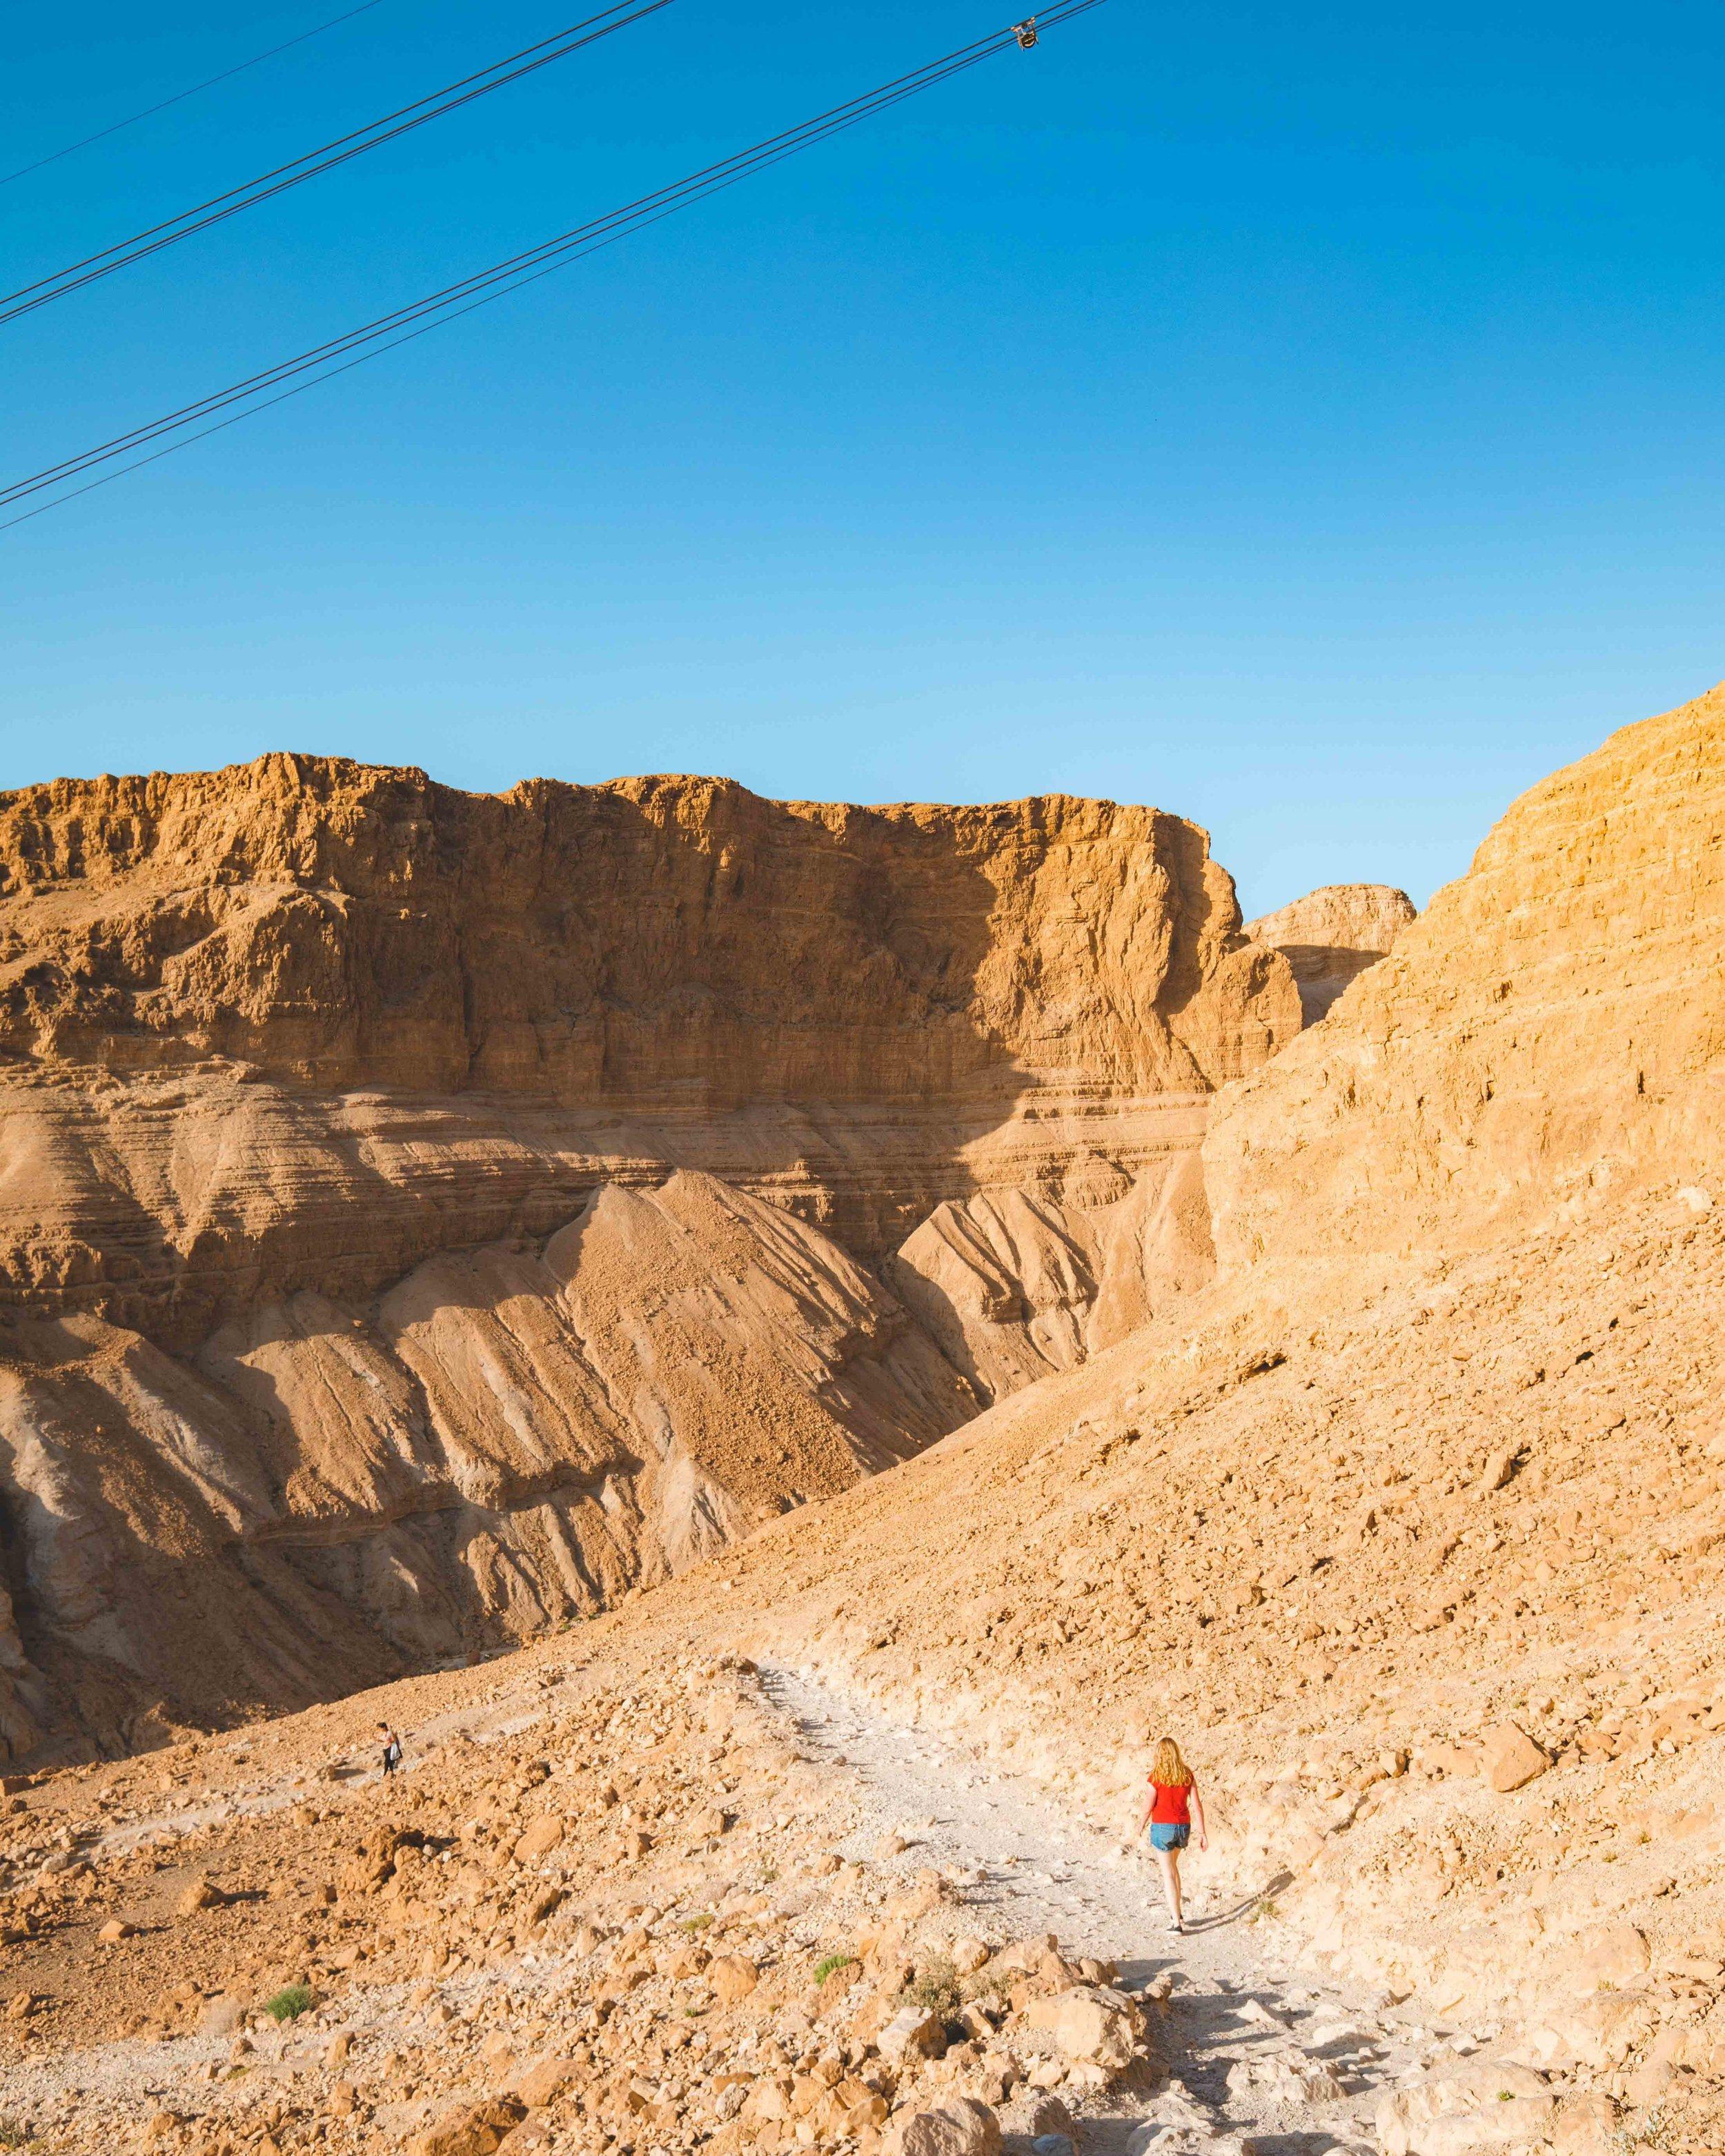 The Snake Path at Masada